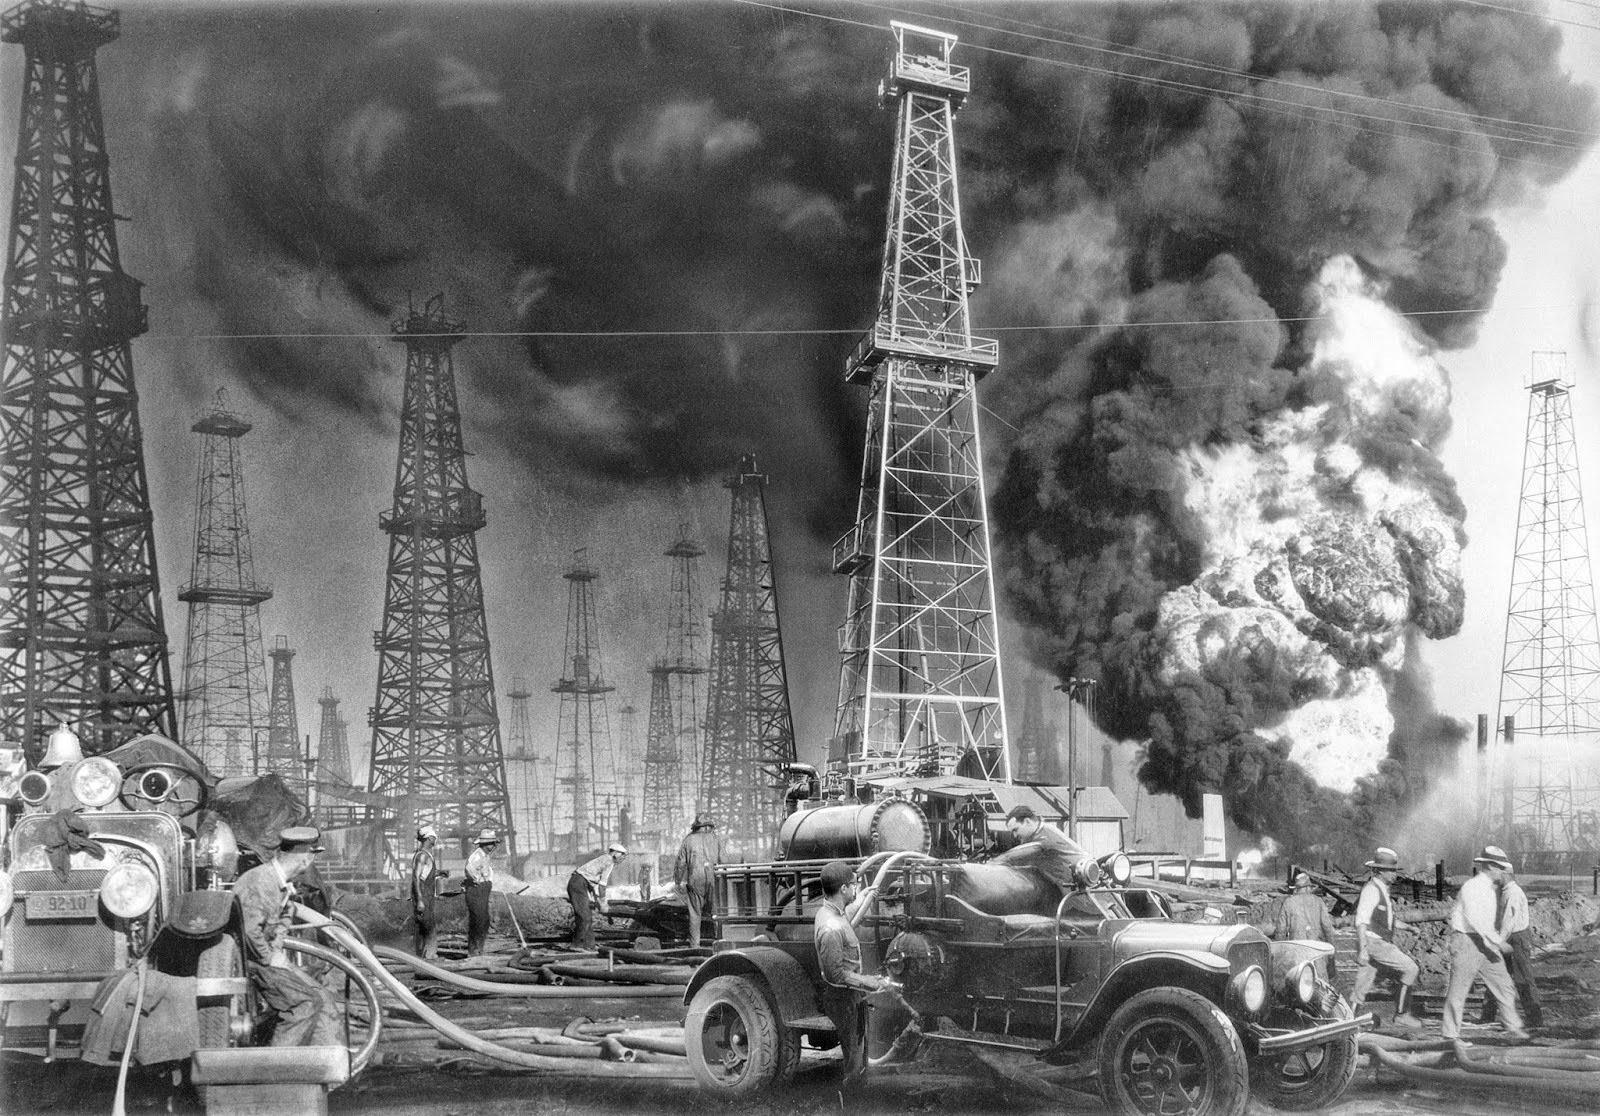 Pozo petrolífero en llamas, 1931